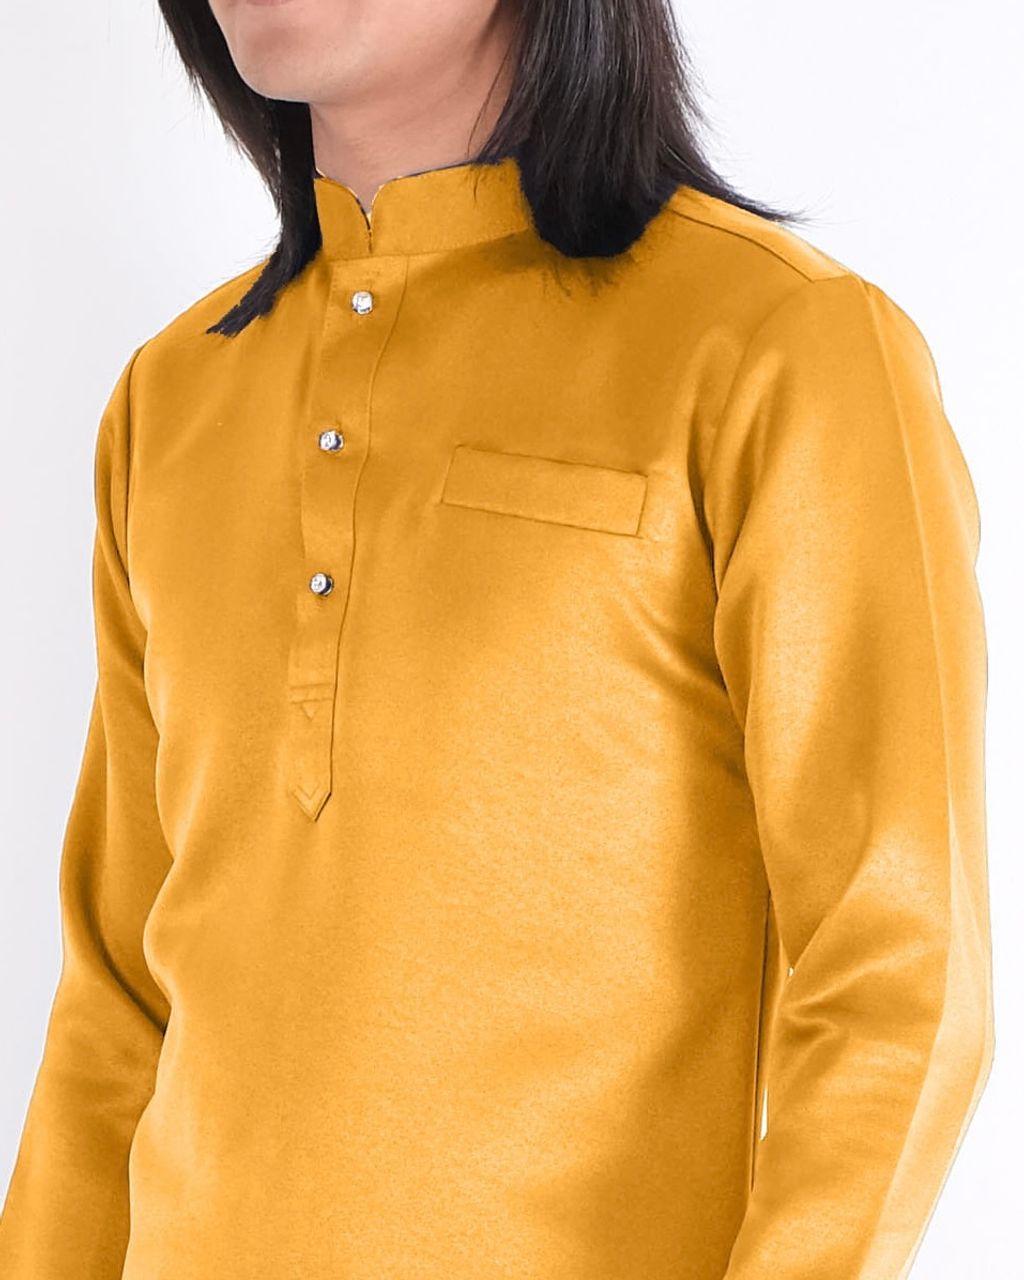 Mustard 2.jpg